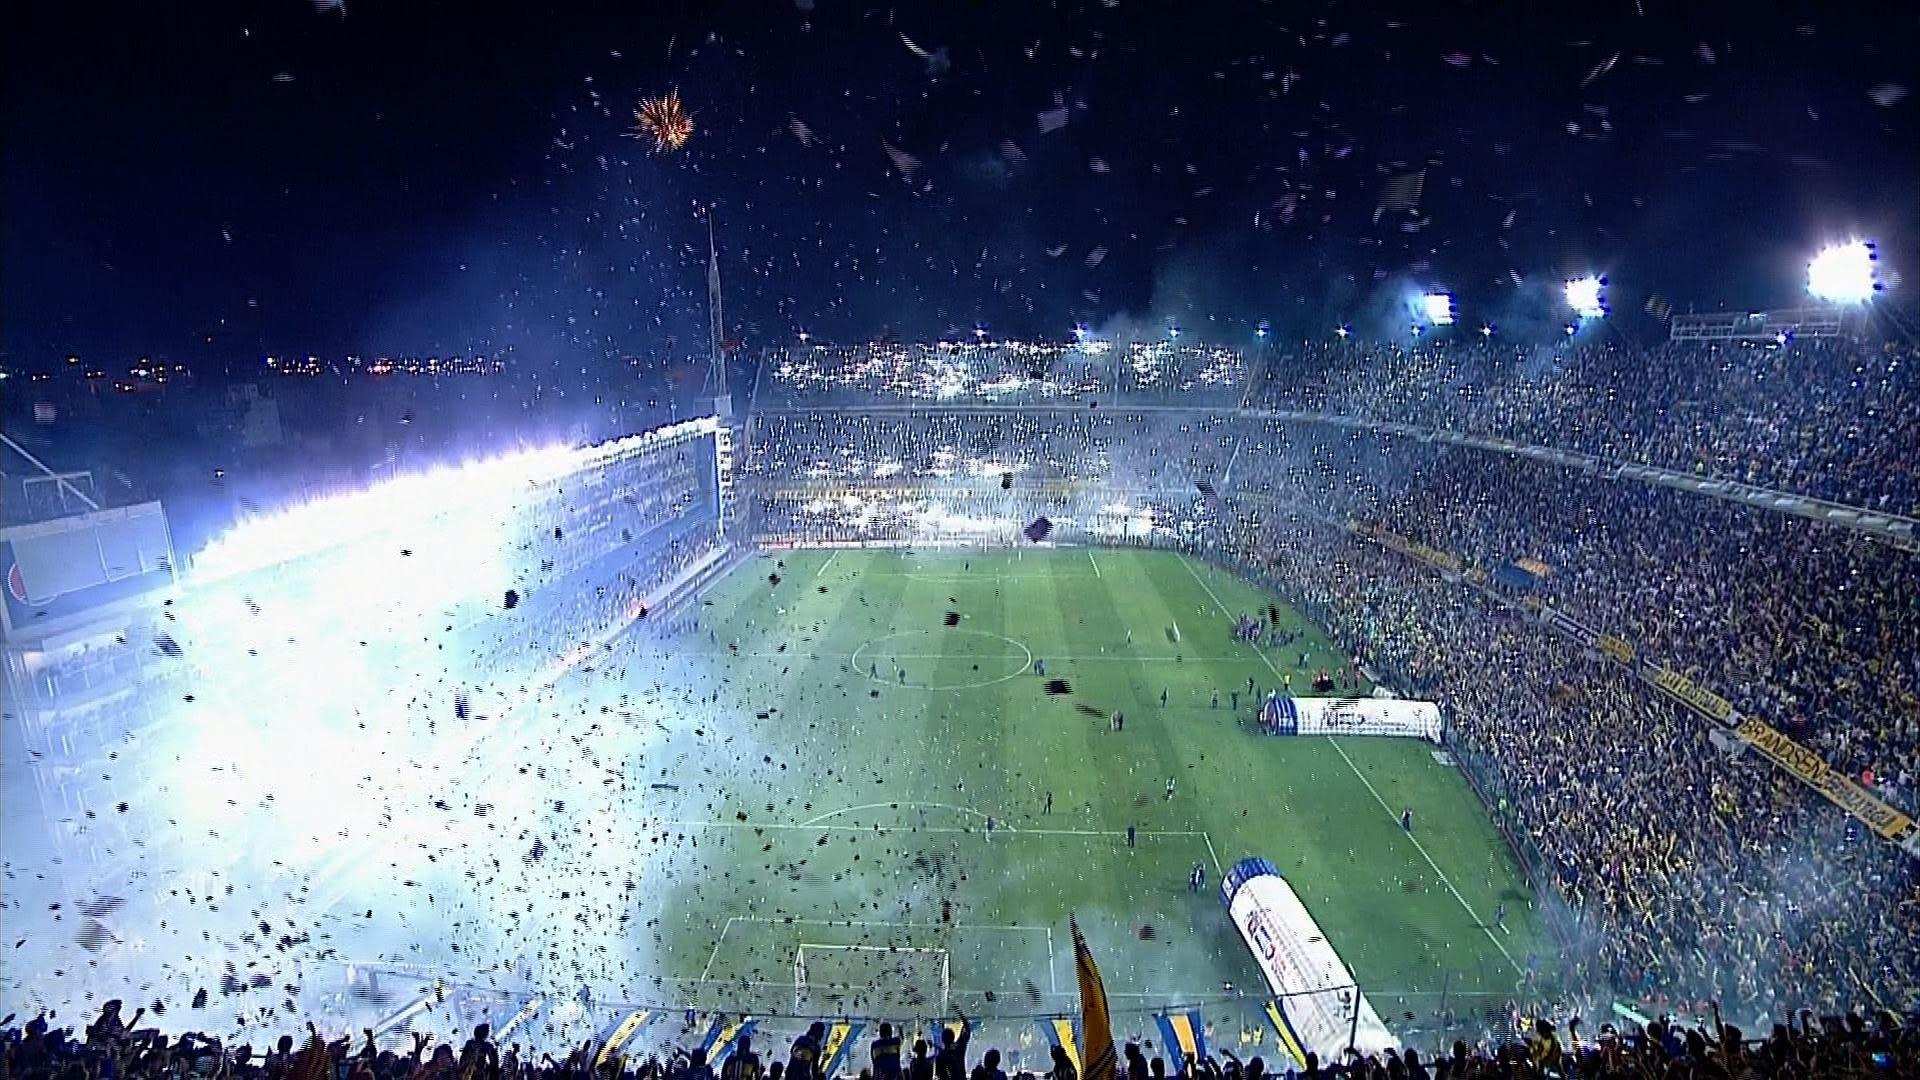 Boca juniors hd wallpapers 78 images - La ilaha illallah hd wallpaper ...